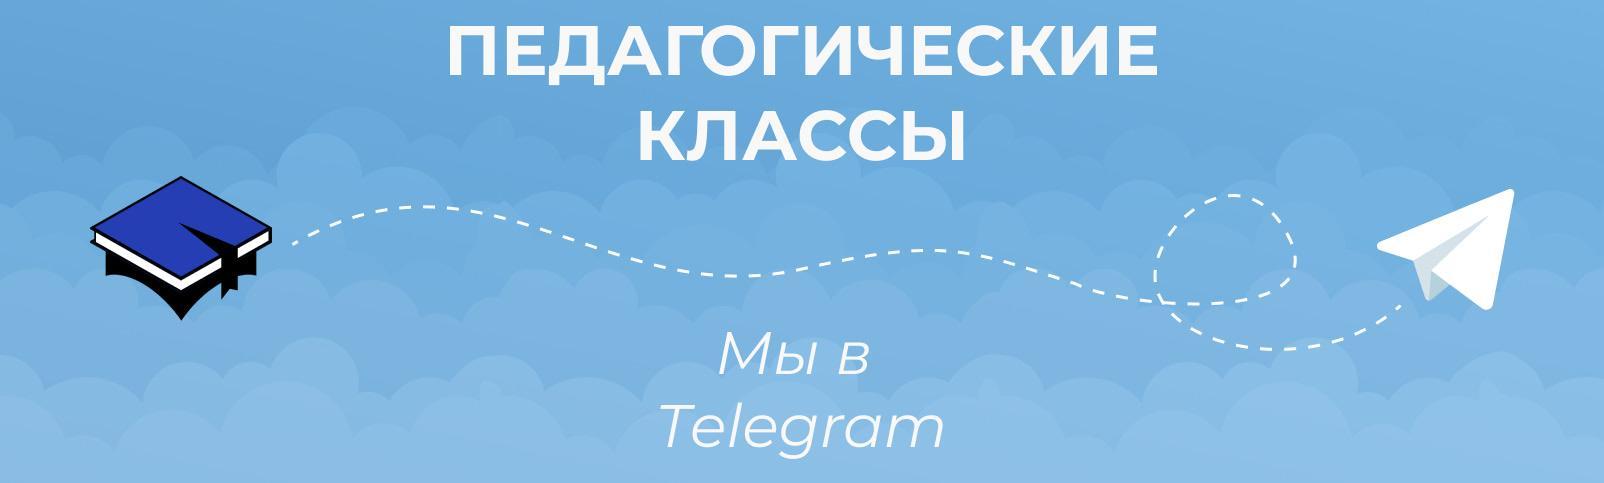 Педагогические классы в Telegram